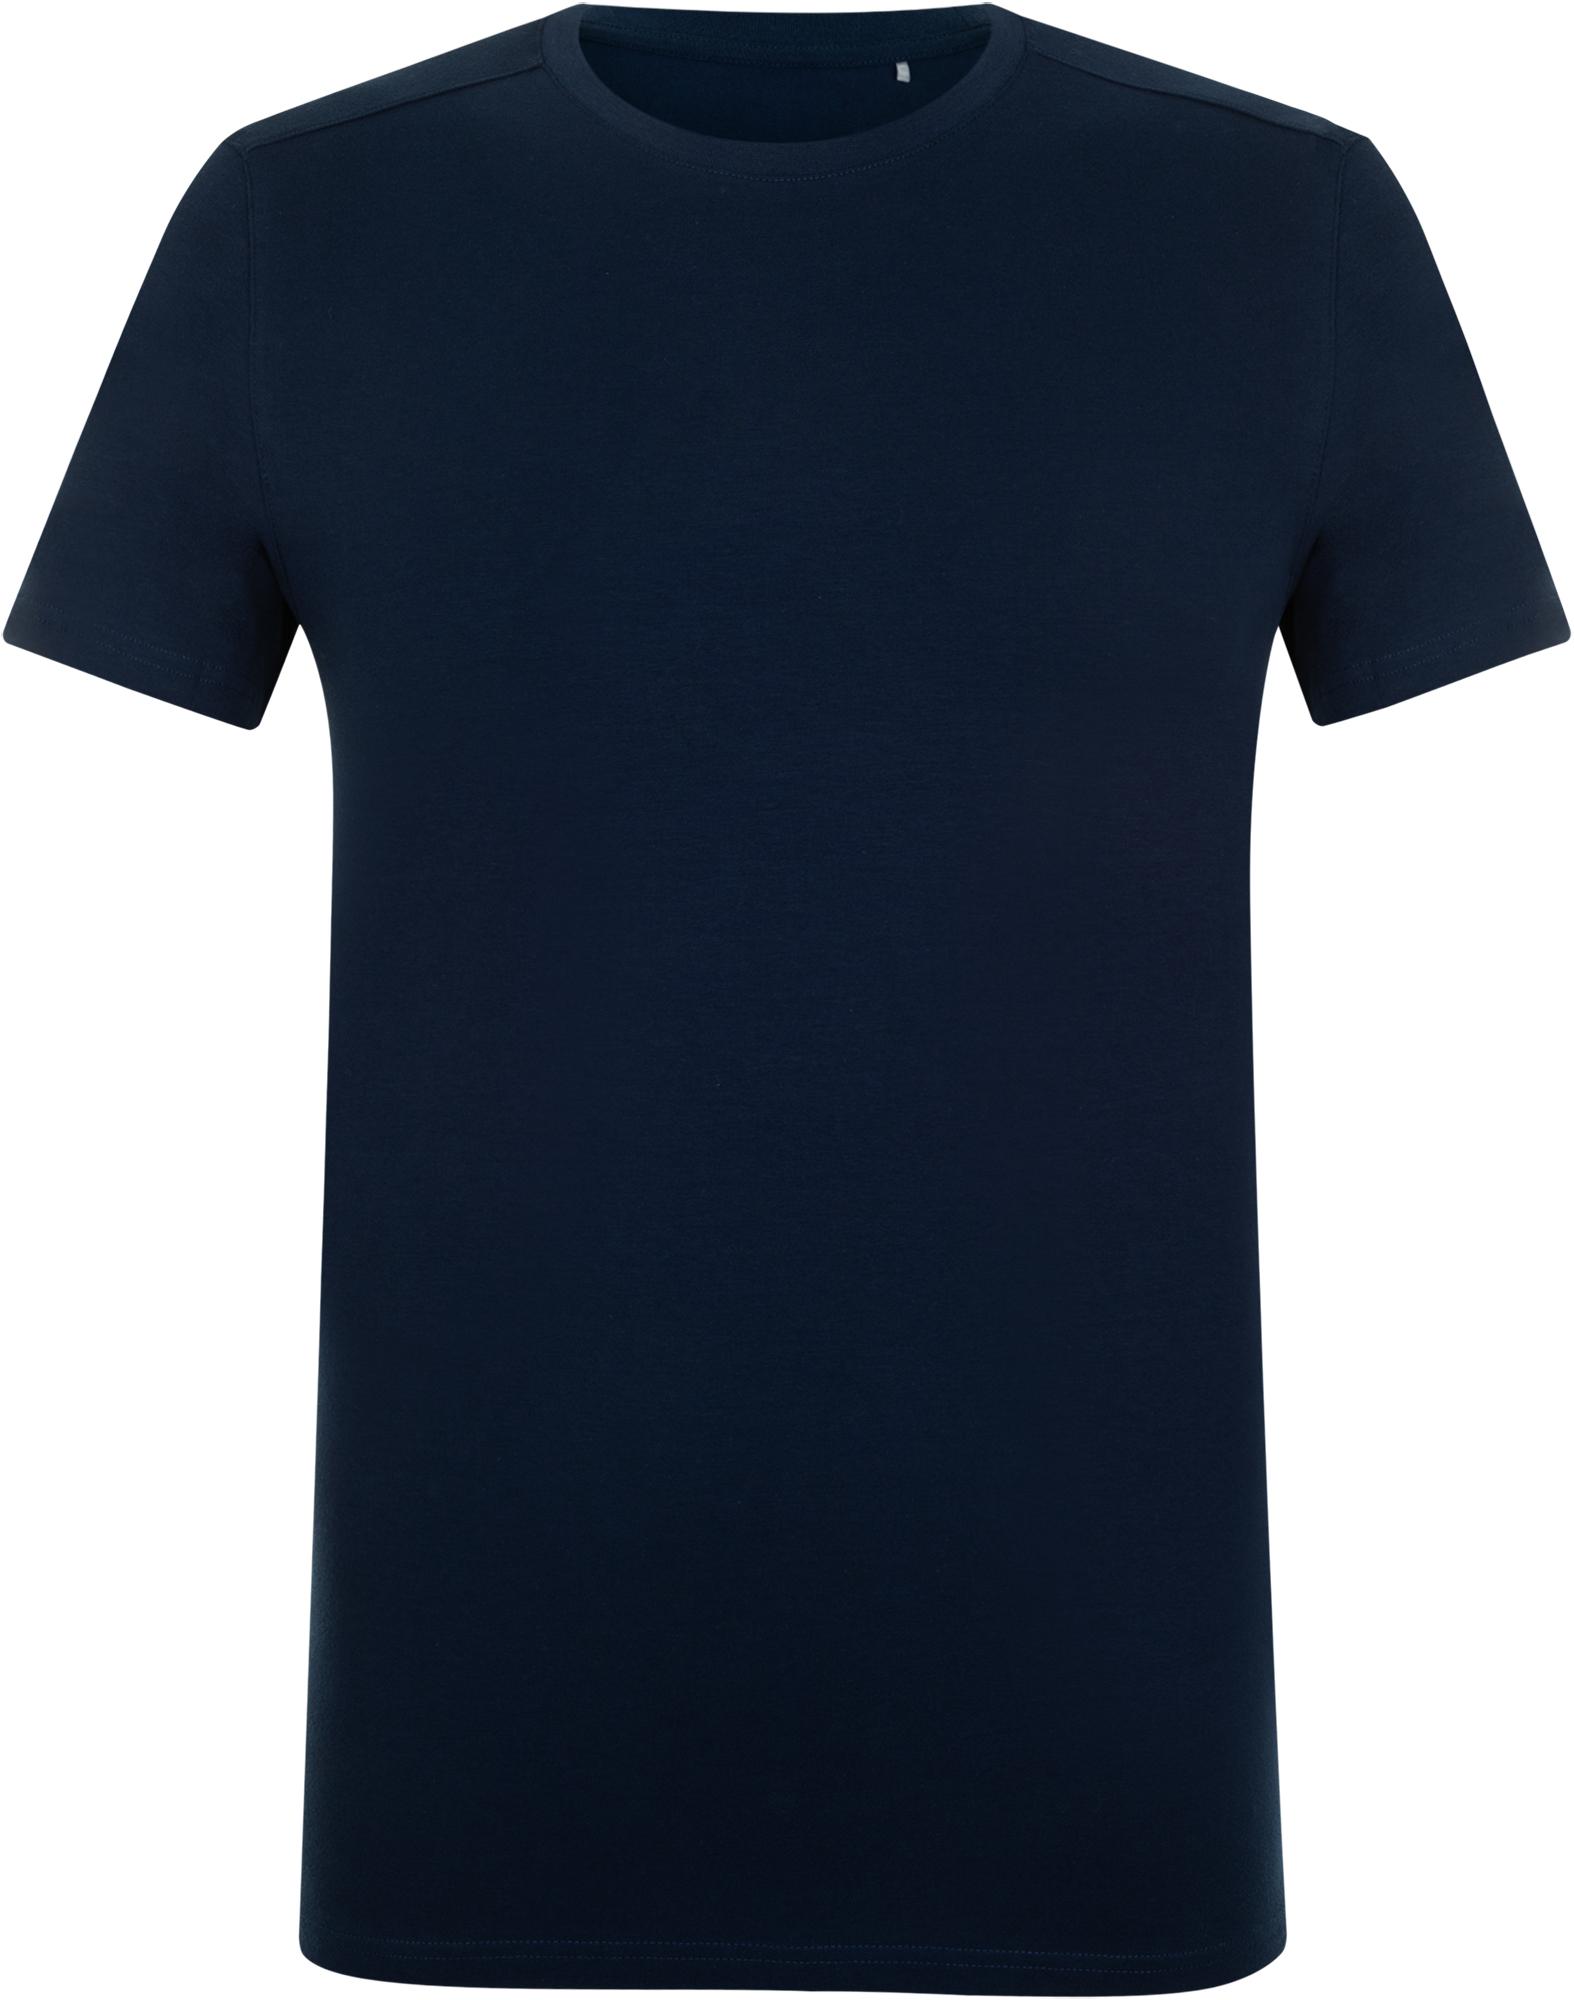 Demix Футболка мужская Demix, размер 54 футболка мужская mavi цвет белый 065283 620 размер xxl 54